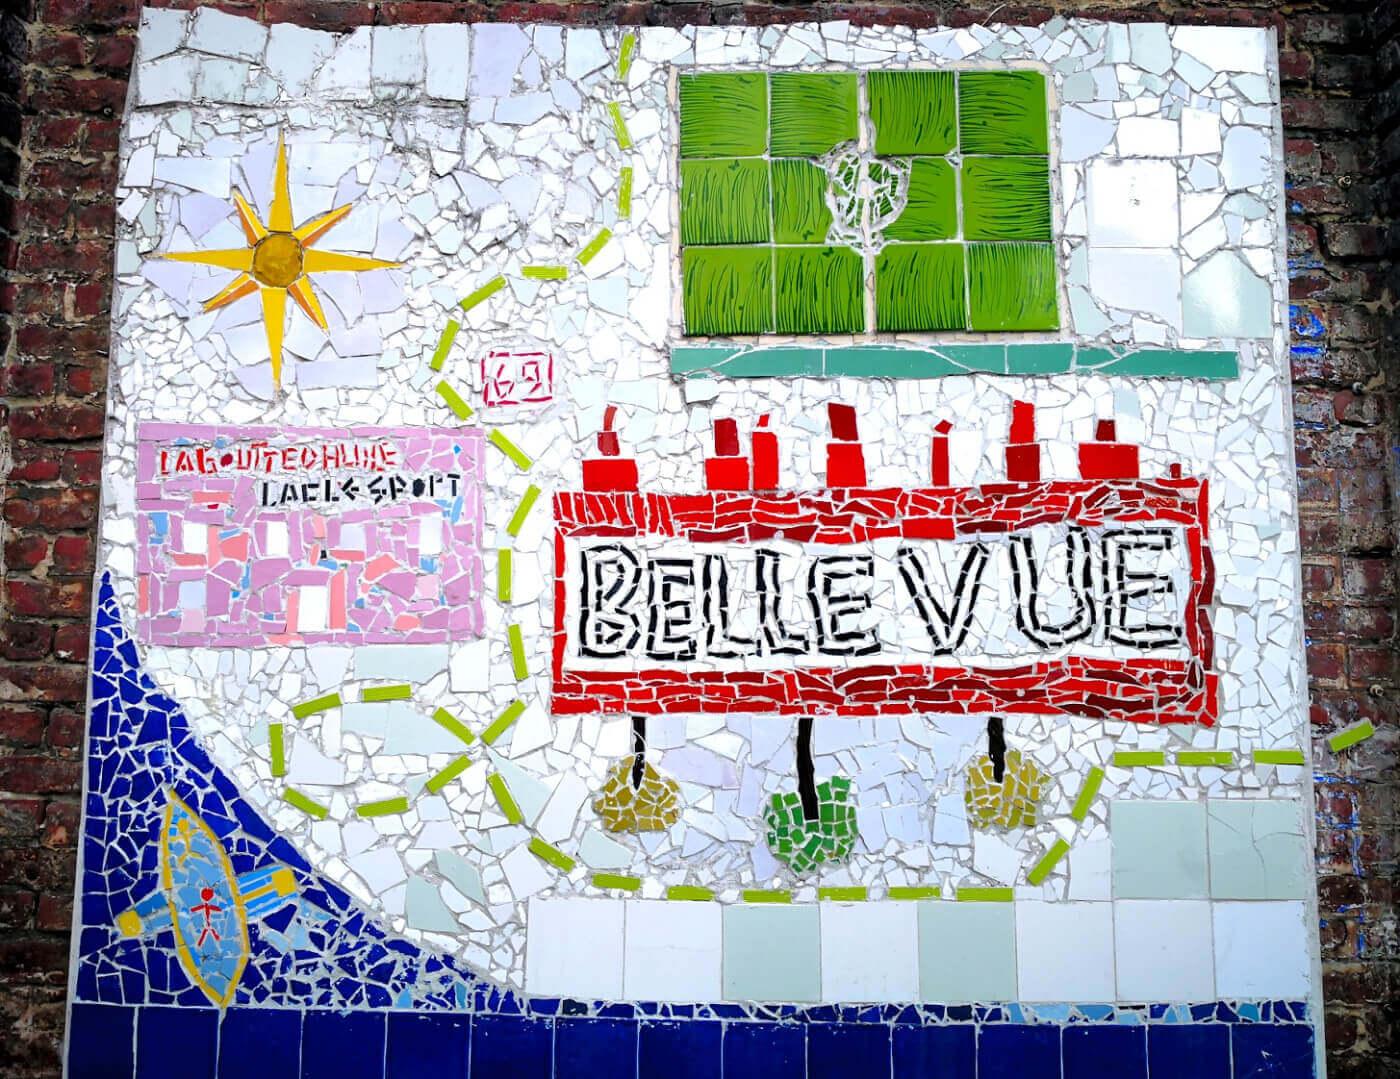 viaggiare-zaino-in-spalla-murales-bruxelles-2